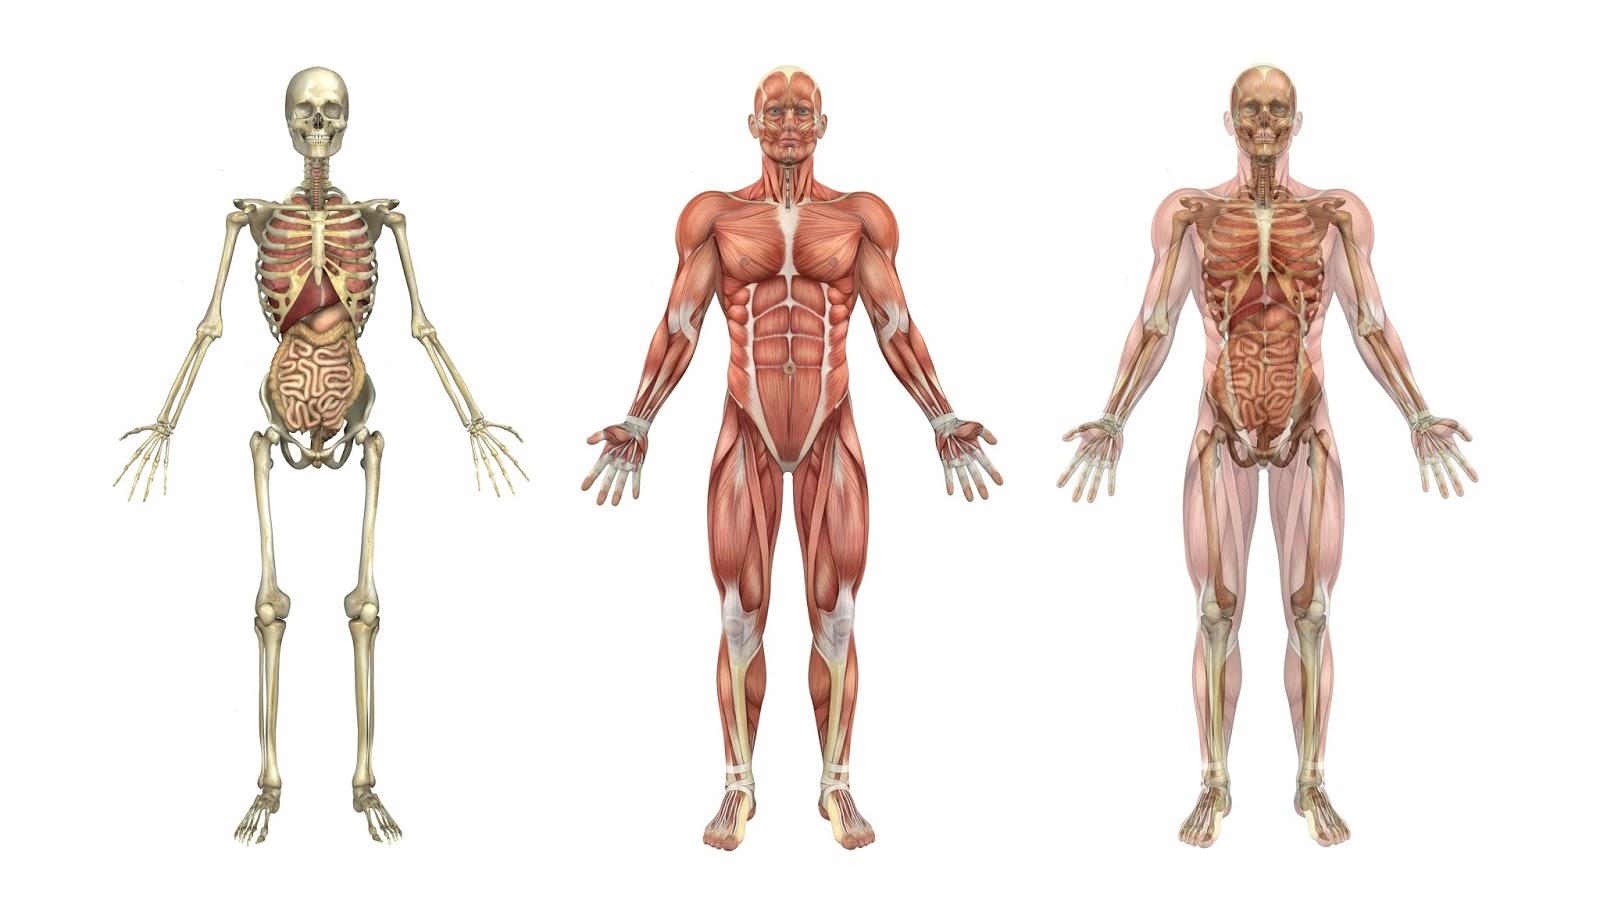 Test de anatomía ¡Demuestra tus conocimientos! | Ortografía y literatura